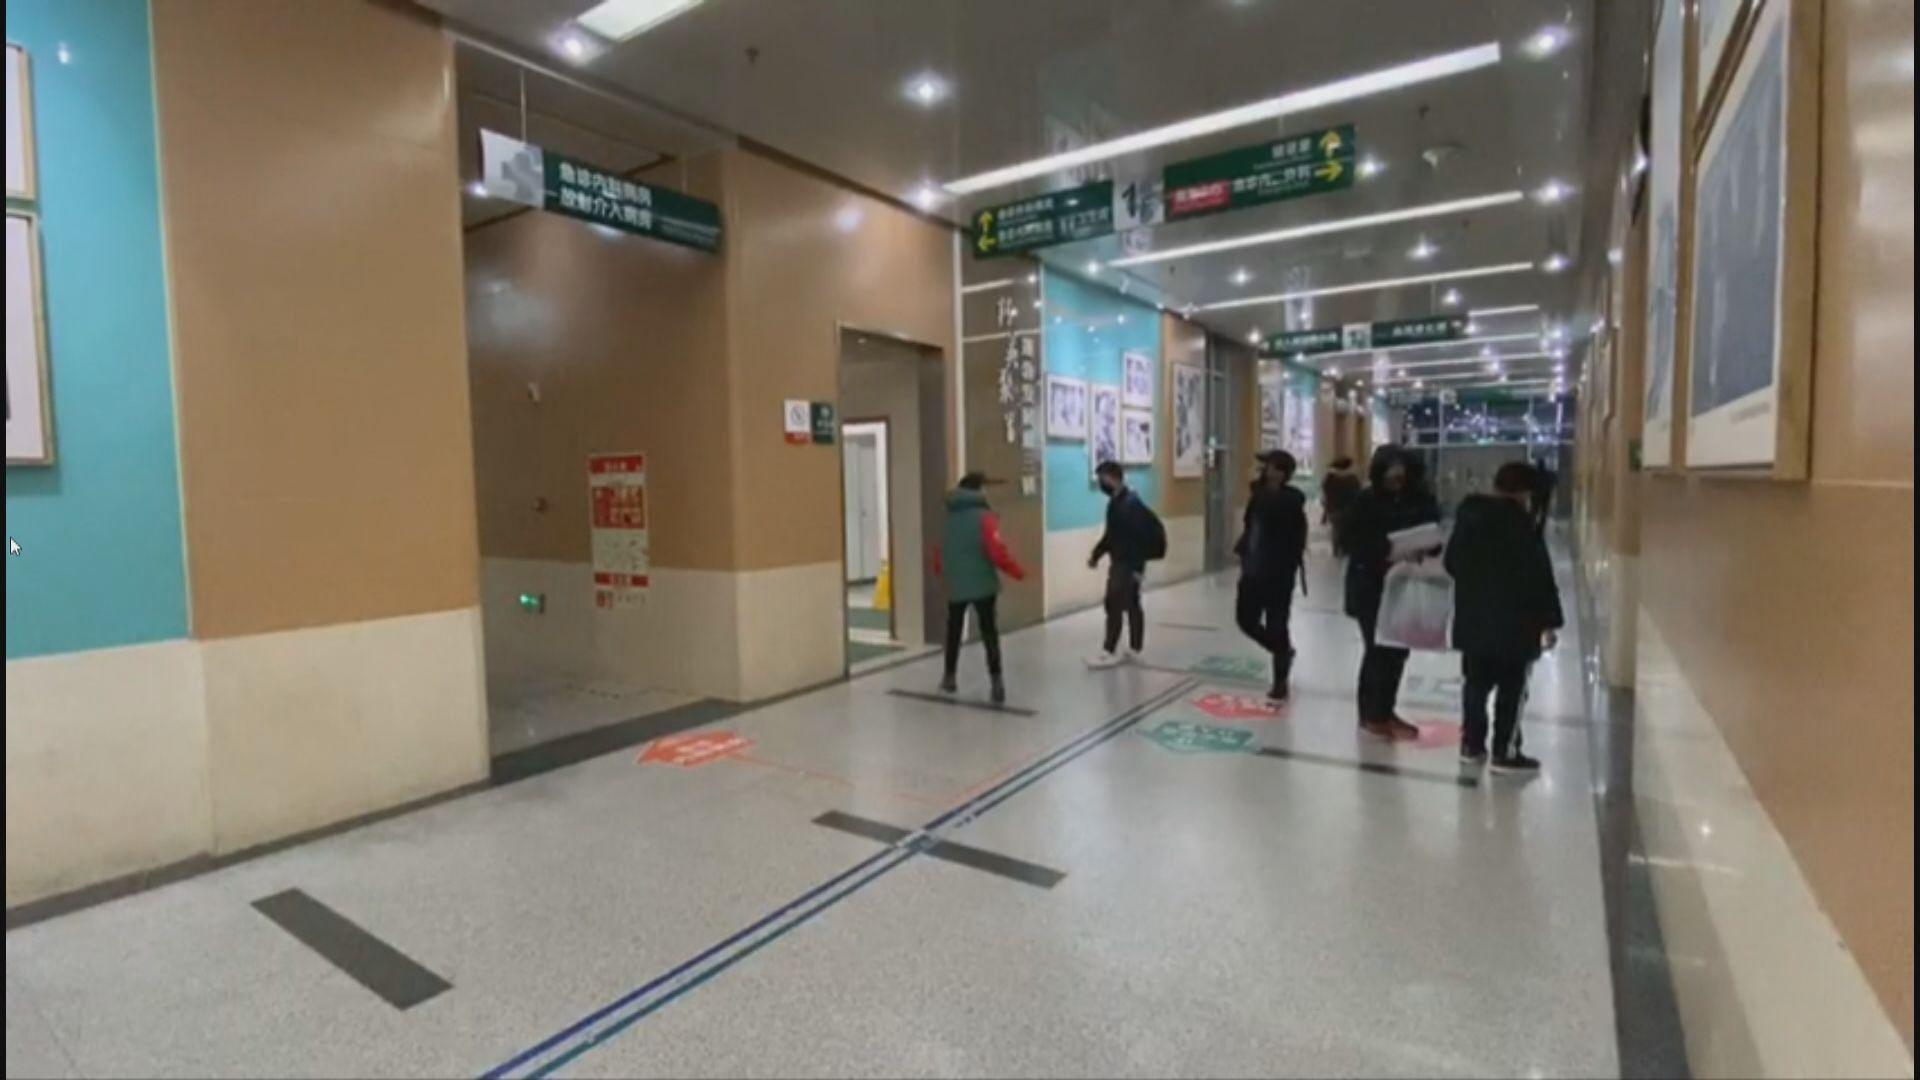 鍾南山:已有14名醫護人員感染武漢新型冠狀病毒